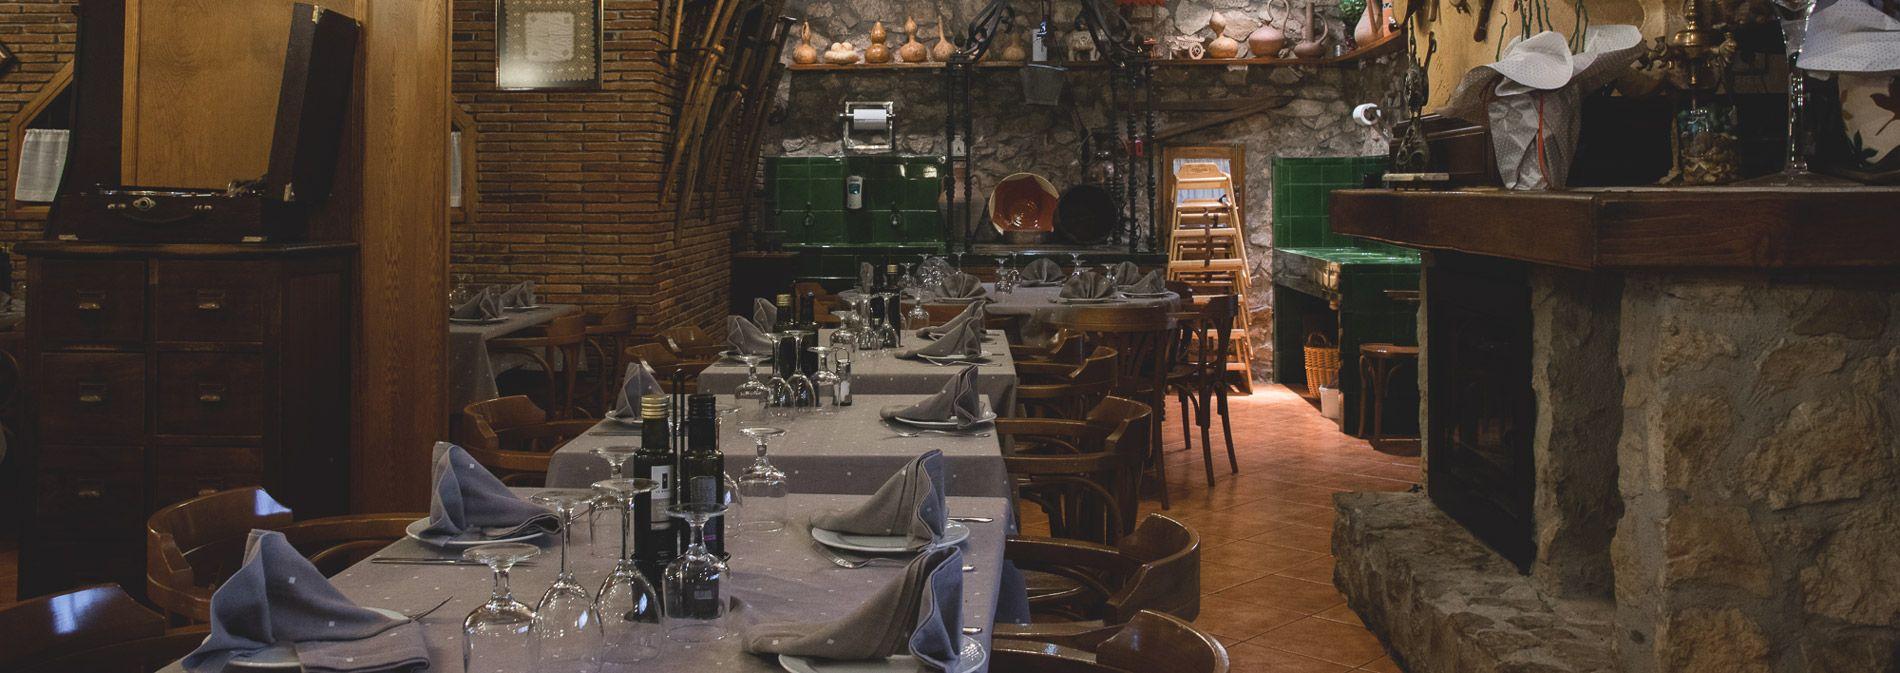 Salons privats per a celebracions i sopars d'empresa